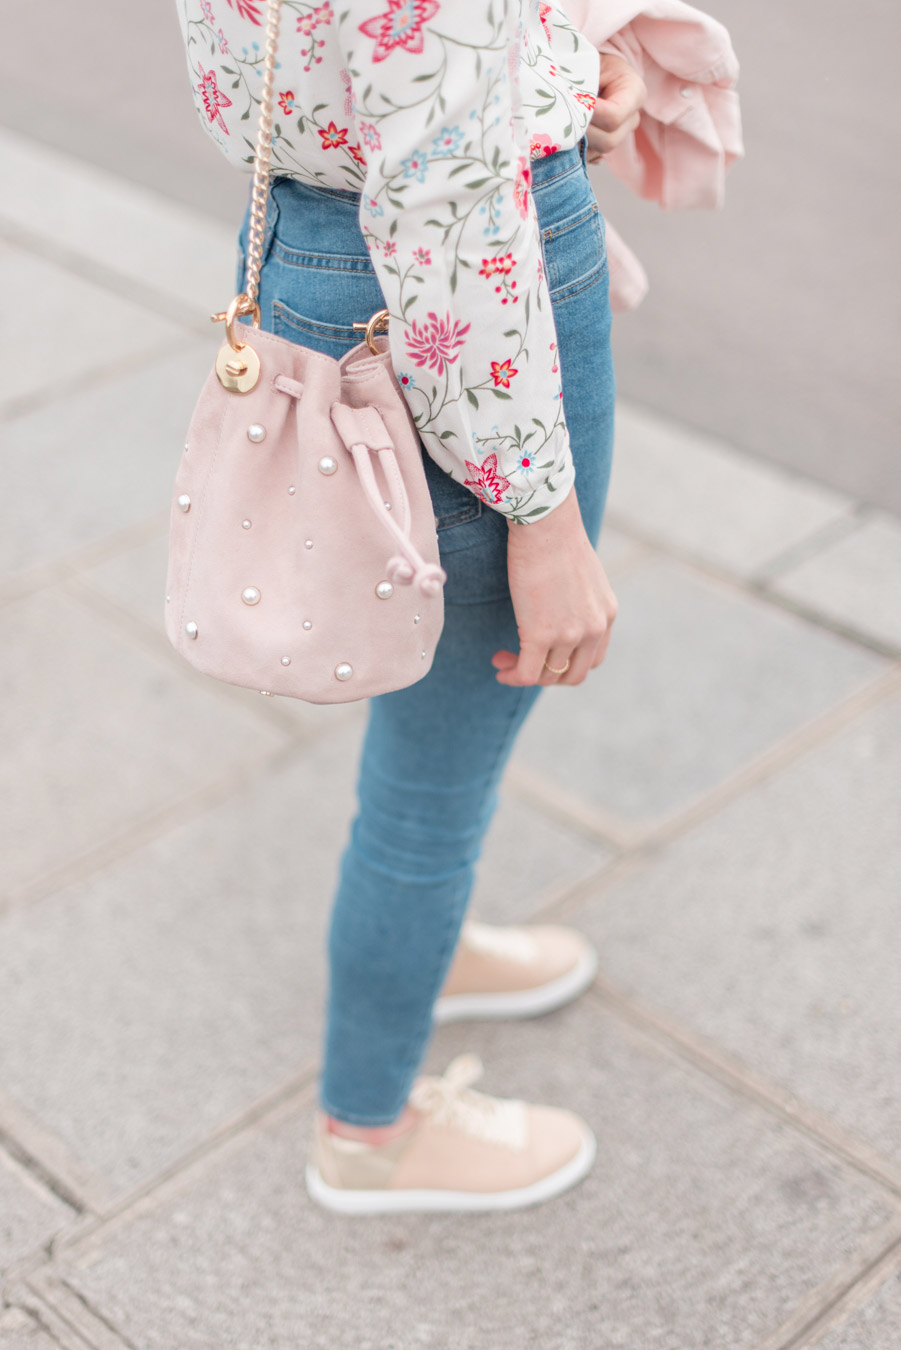 Blog-Mode-And-The-City-Looks-La-veste-en-jean-rose-parfaite-5